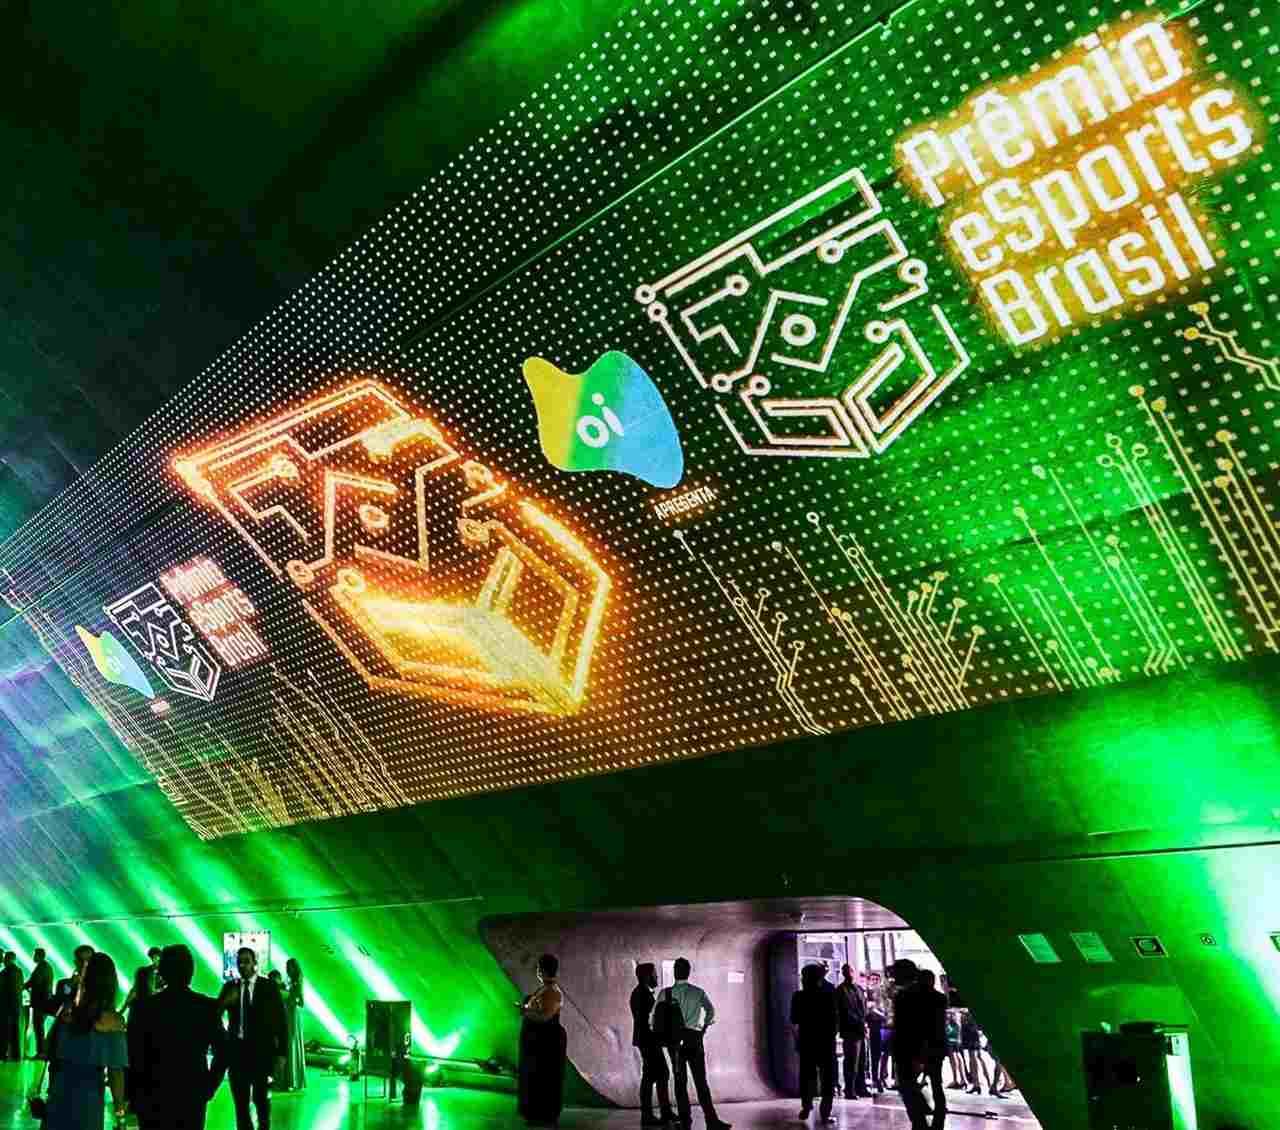 Prêmio eSports Brasil passará a ser uma sociedade da agência V3A com o Grupo Globo